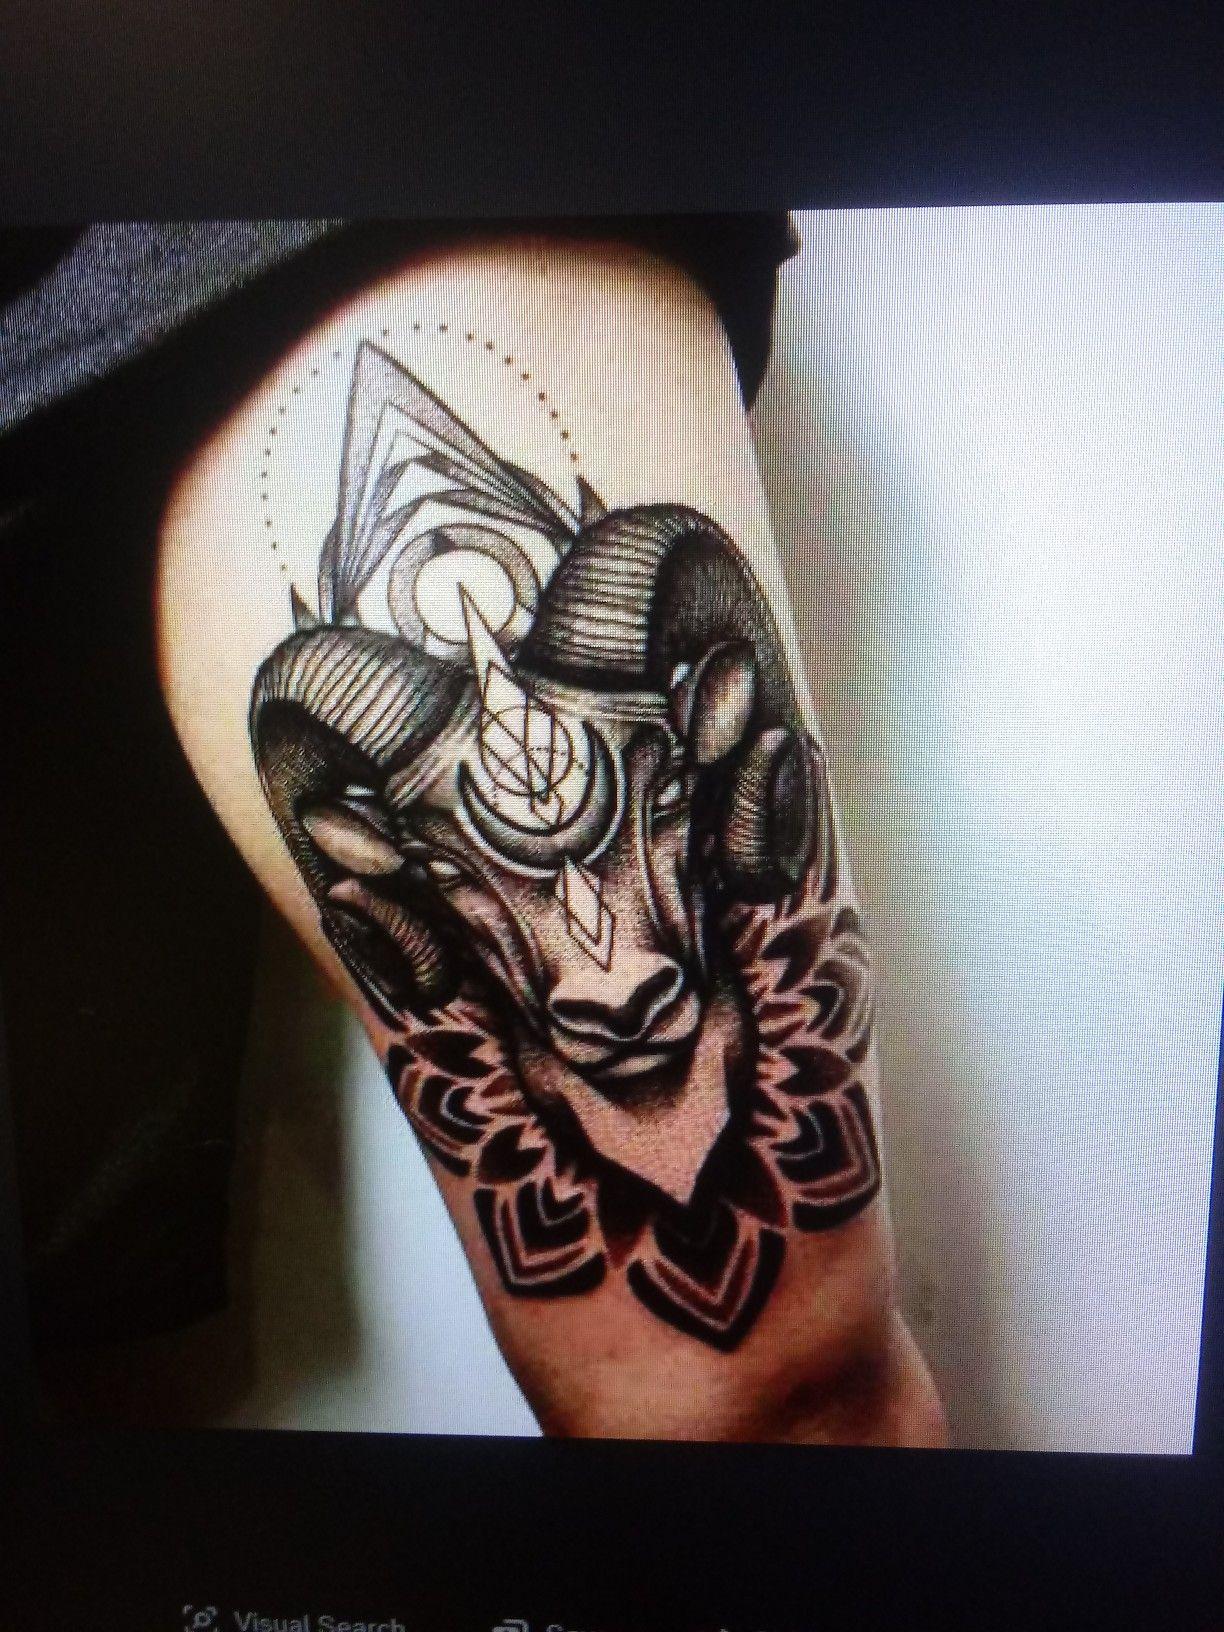 Pin by cody on tattoo ideas Tattoos, Ram tattoo, Aries